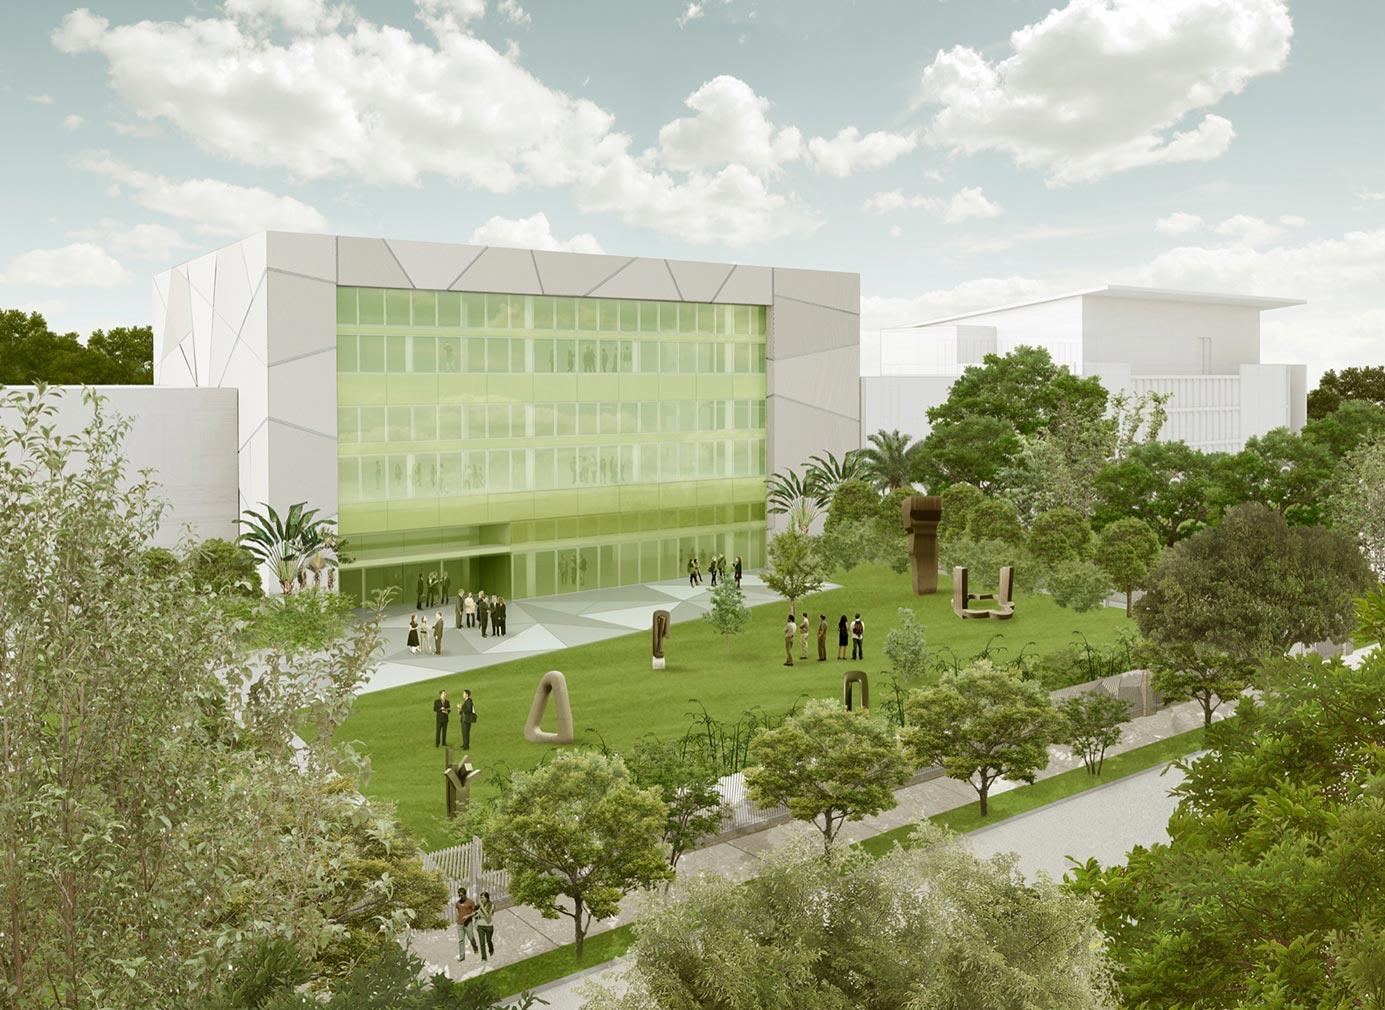 New museum ICA Miami